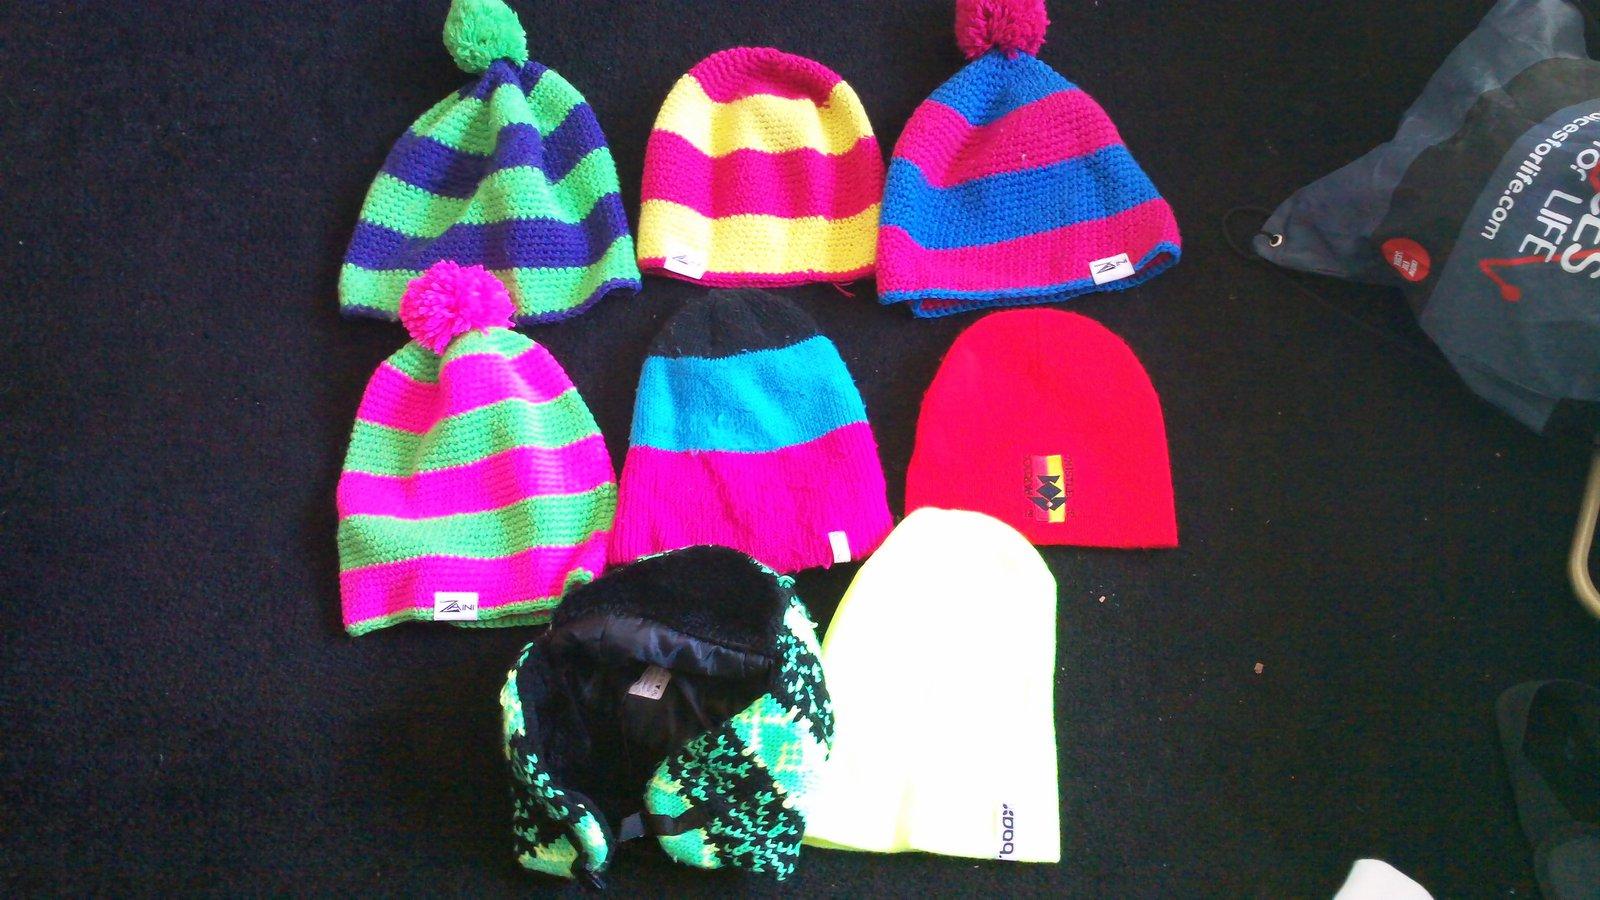 zaini hats and boax hat